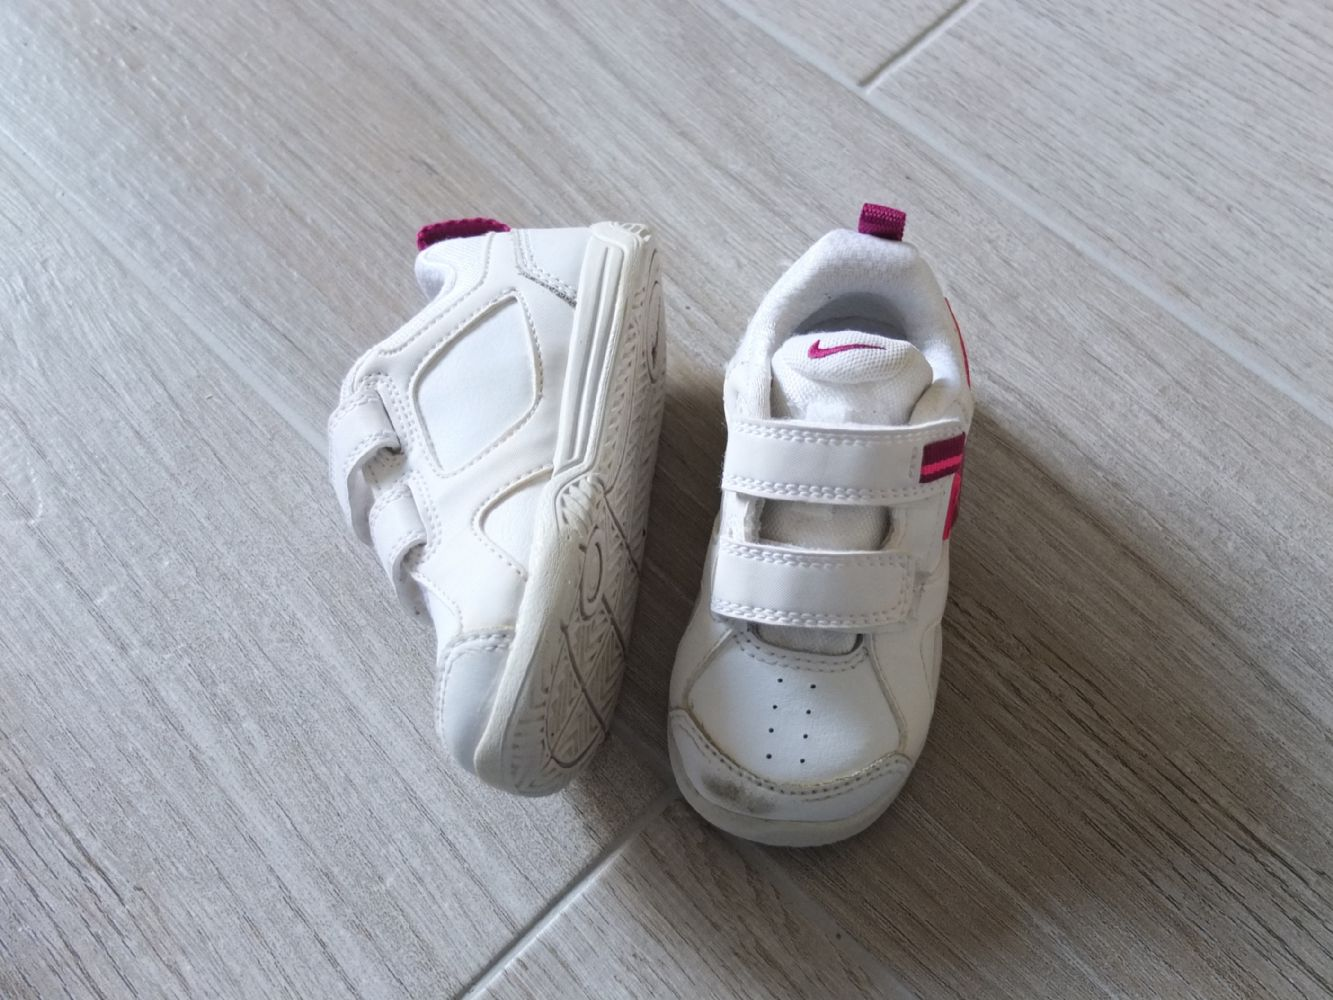 scarpe nike bimba 22